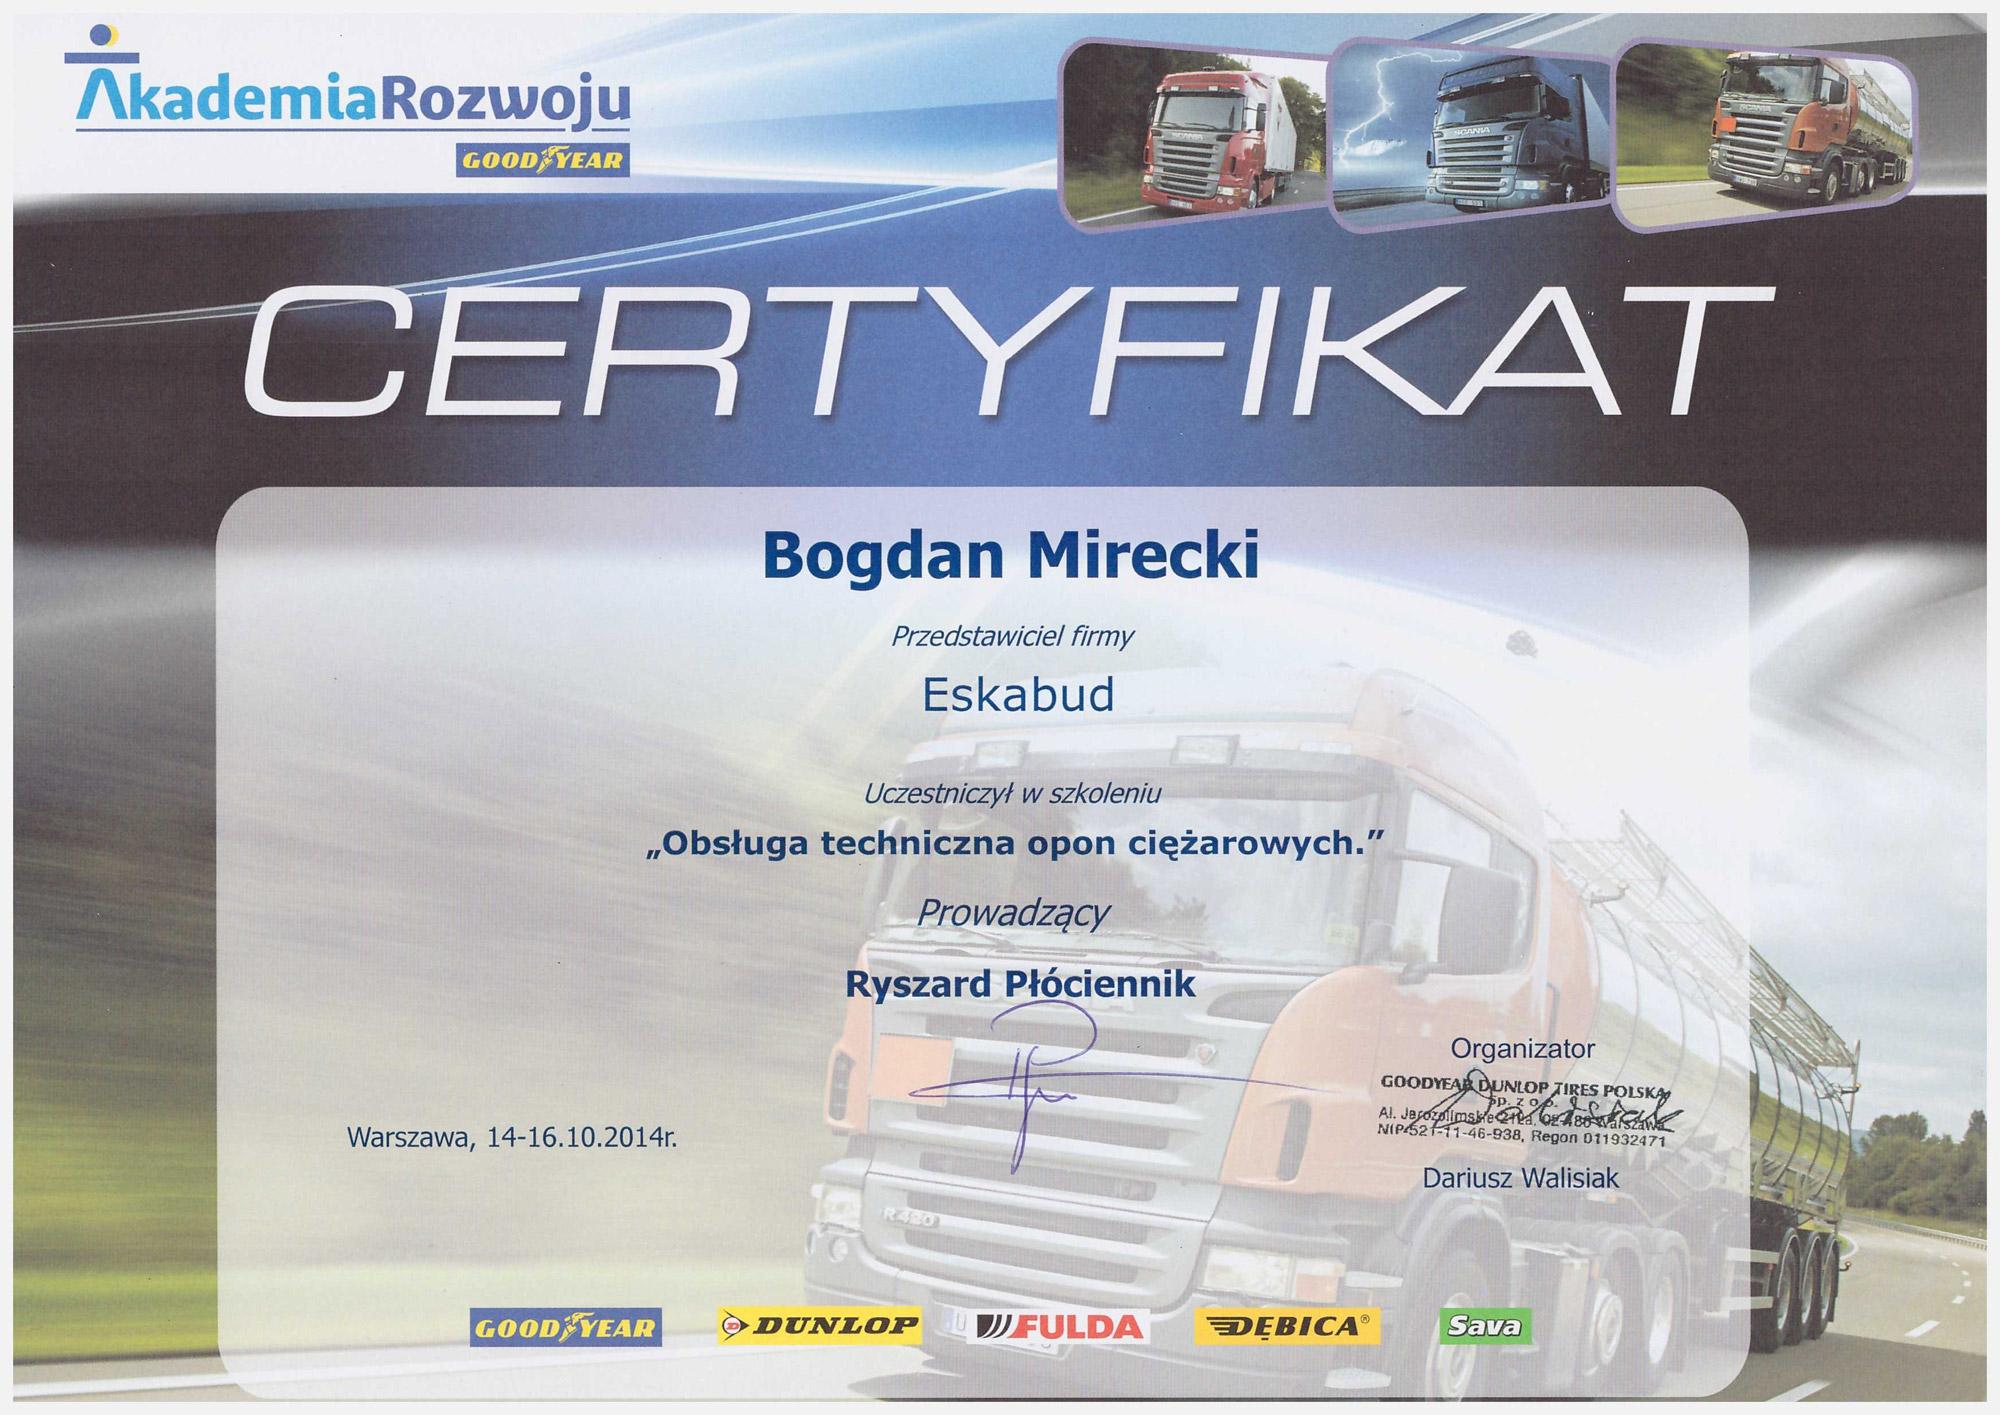 Certyfikowany serwis opon ciężarowych i wielkogabarytowych.